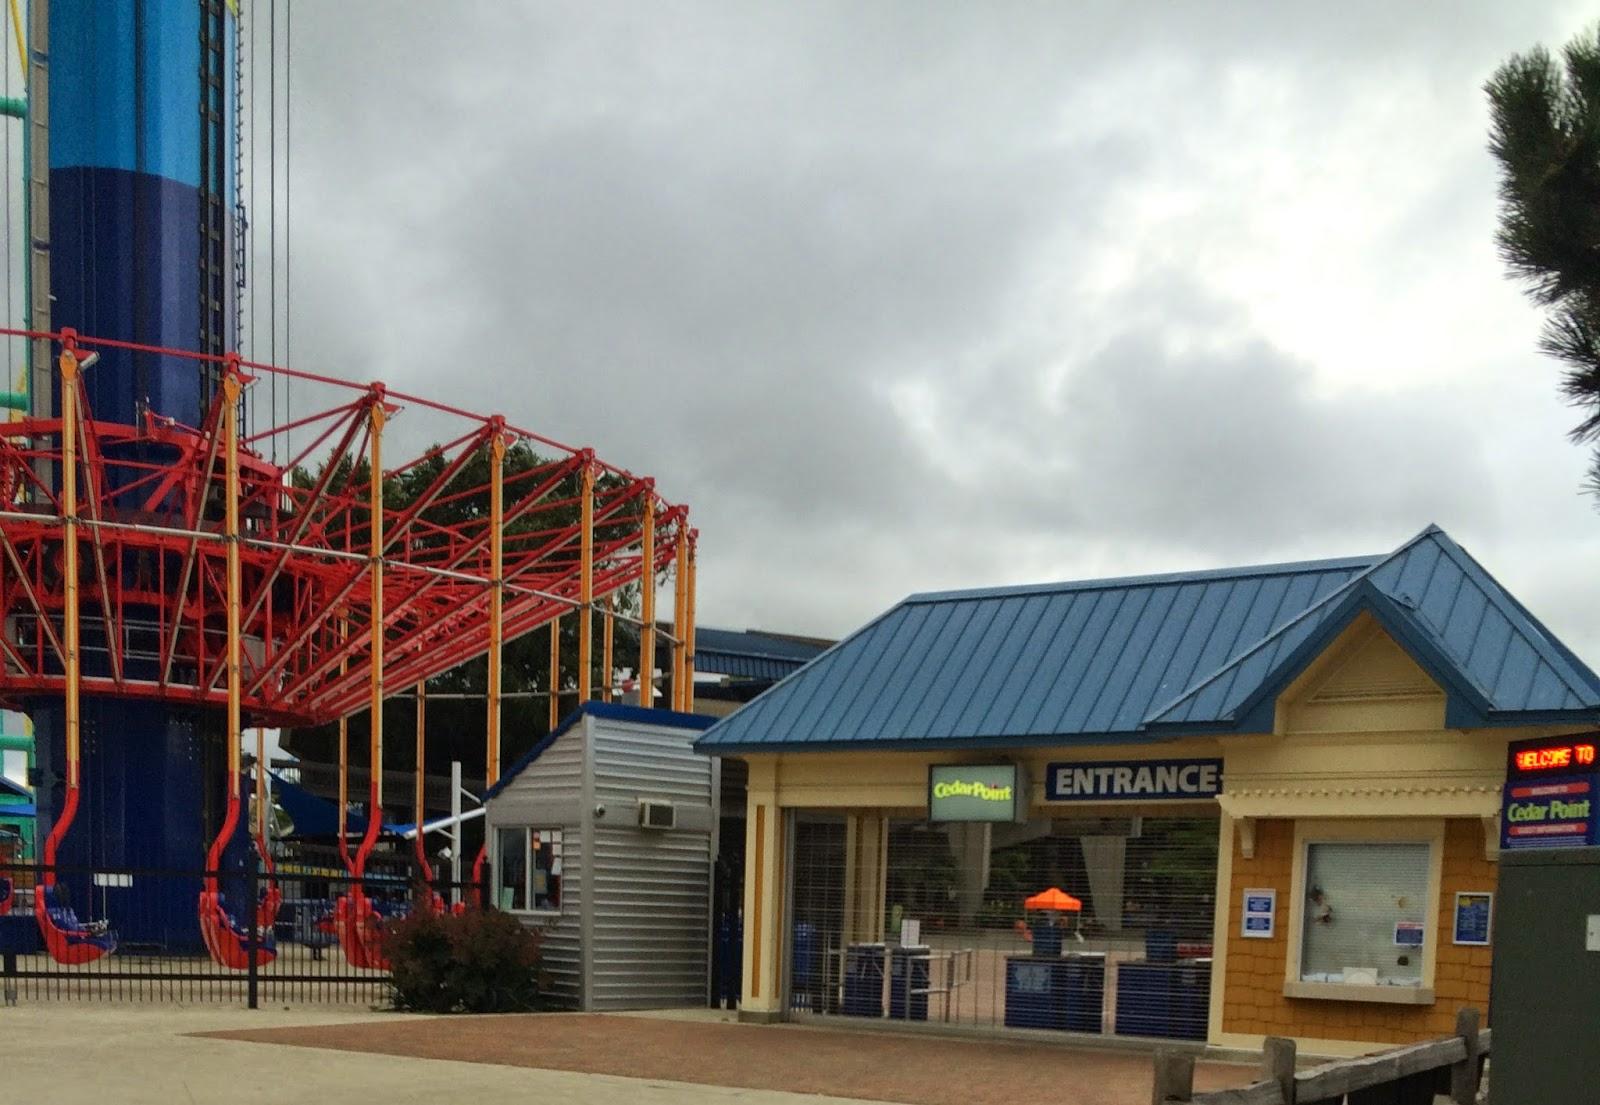 Cedar Point Boardwalk Entrance with WindSeeker